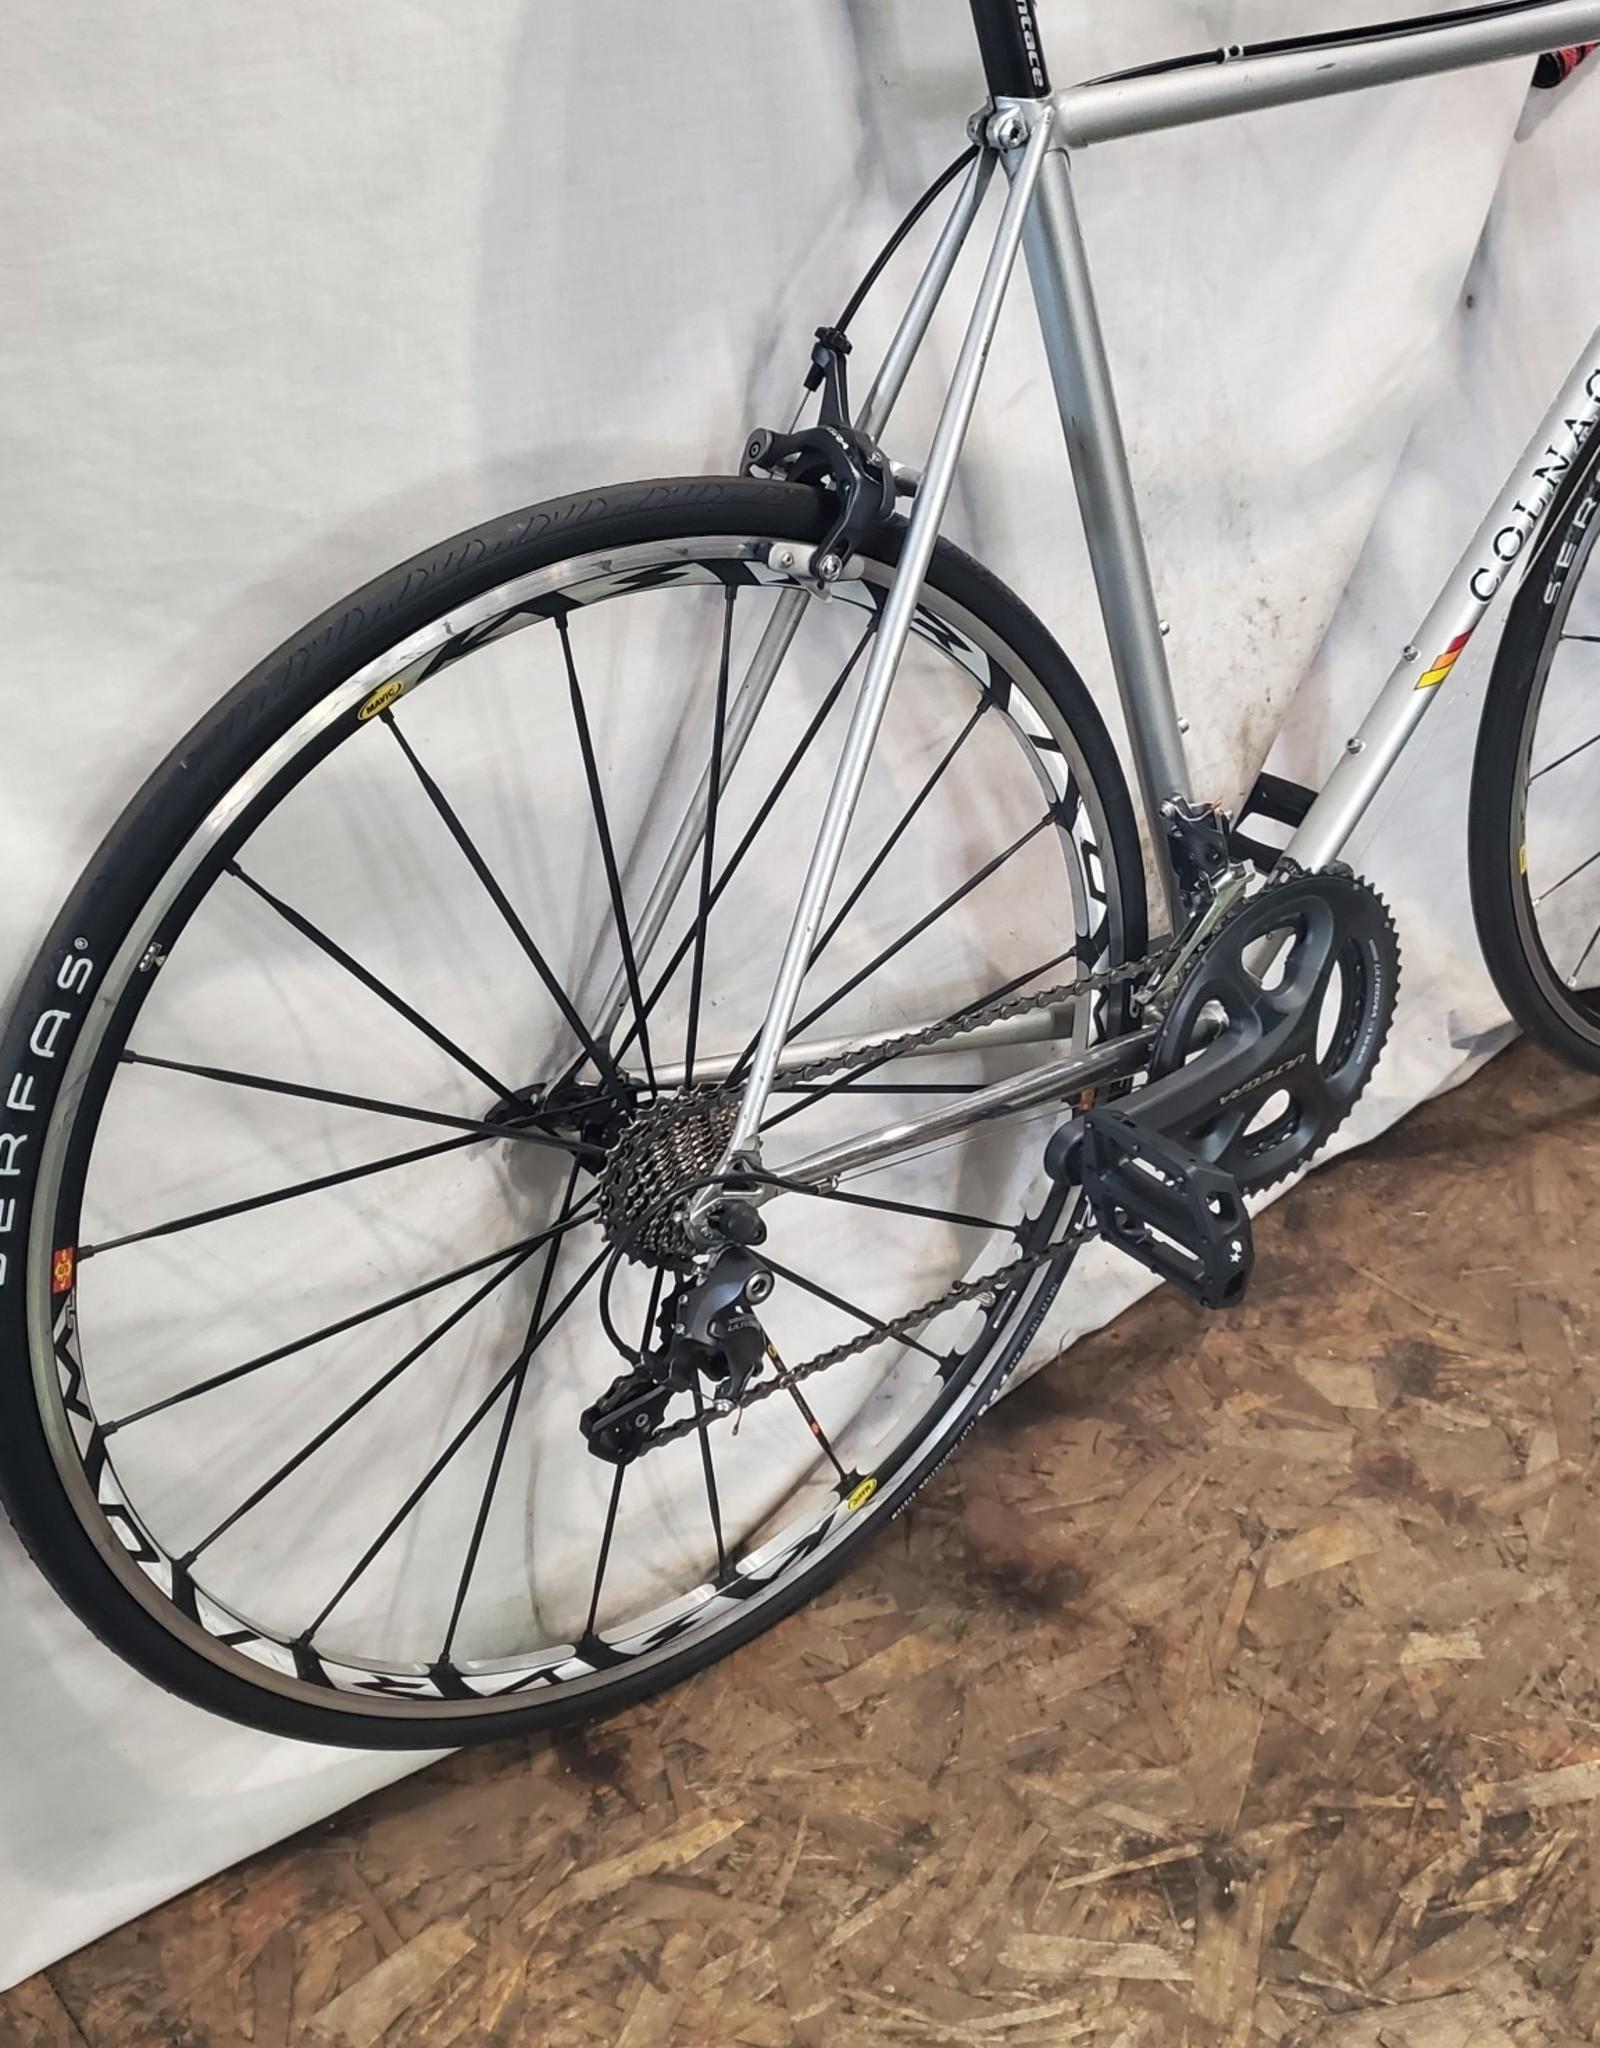 56cm  Colnago Sprint (0242 C1)